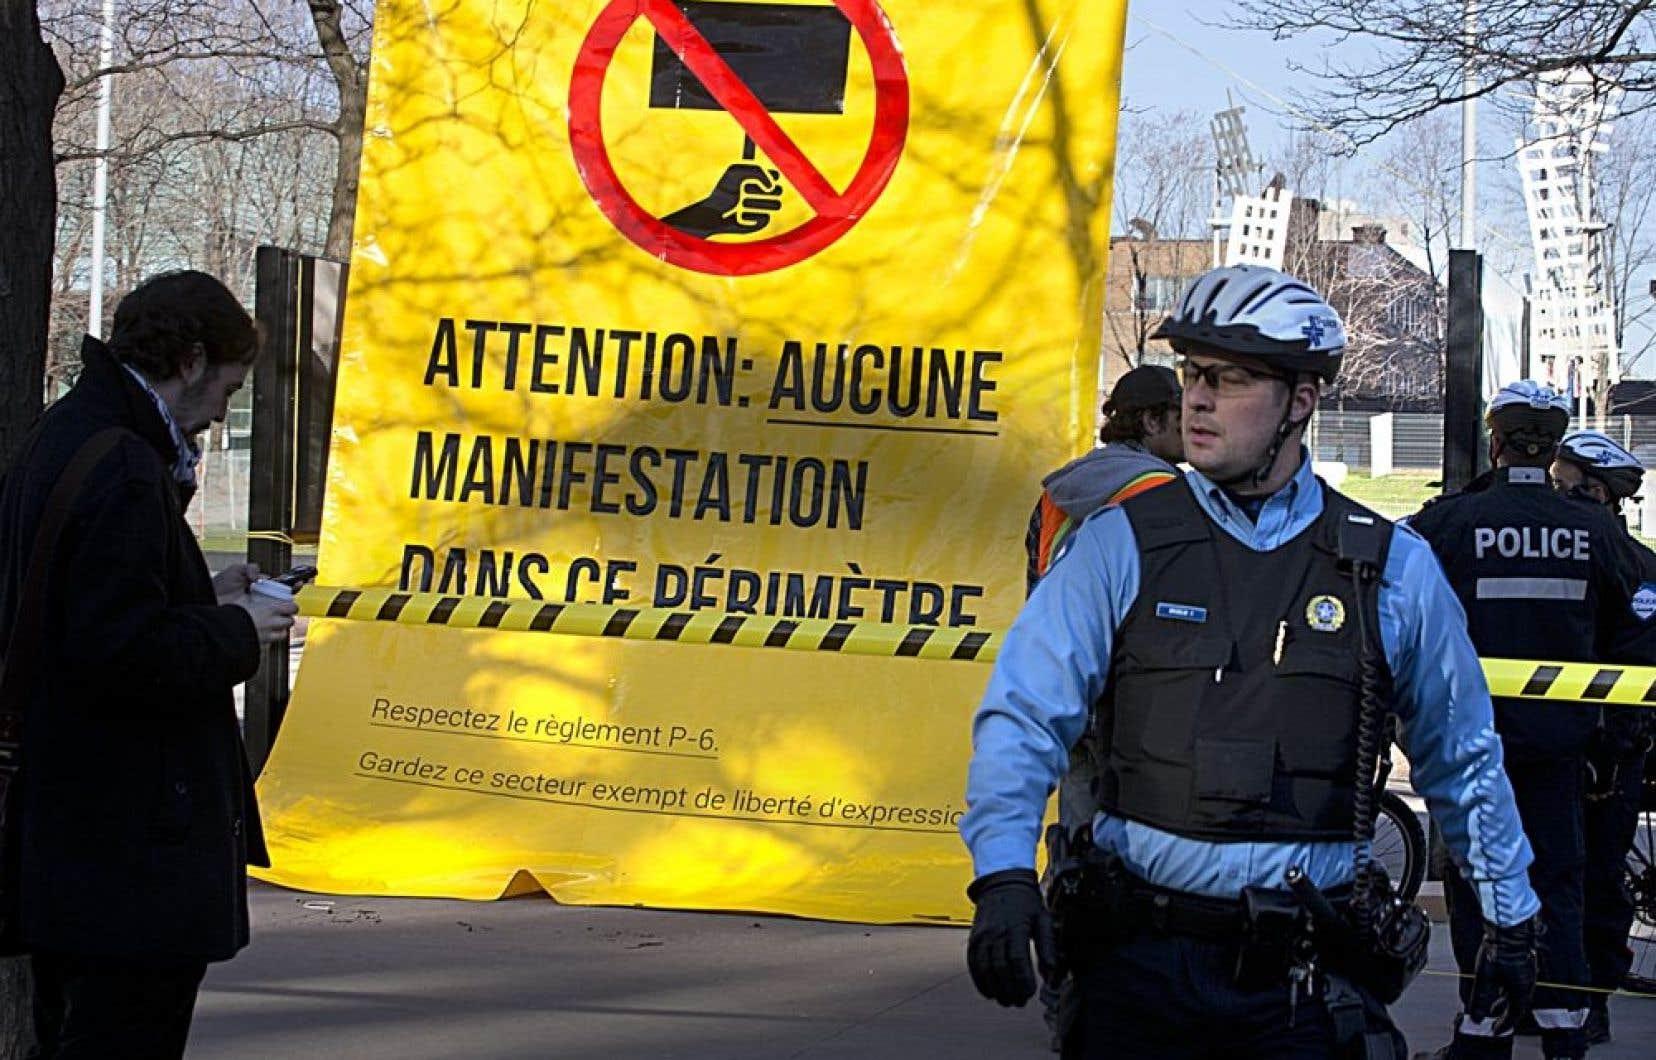 L'Association pour une solidarité syndicale étudiante a placardé plusieurs grandes affiches dénonçant le règlement municipal P6 de la ville de Montréal, autour de la place Émilie-Gamelin. Ils en ont aussi profité pour entourer la place avec du ruban jaune, telle une scène de crime.